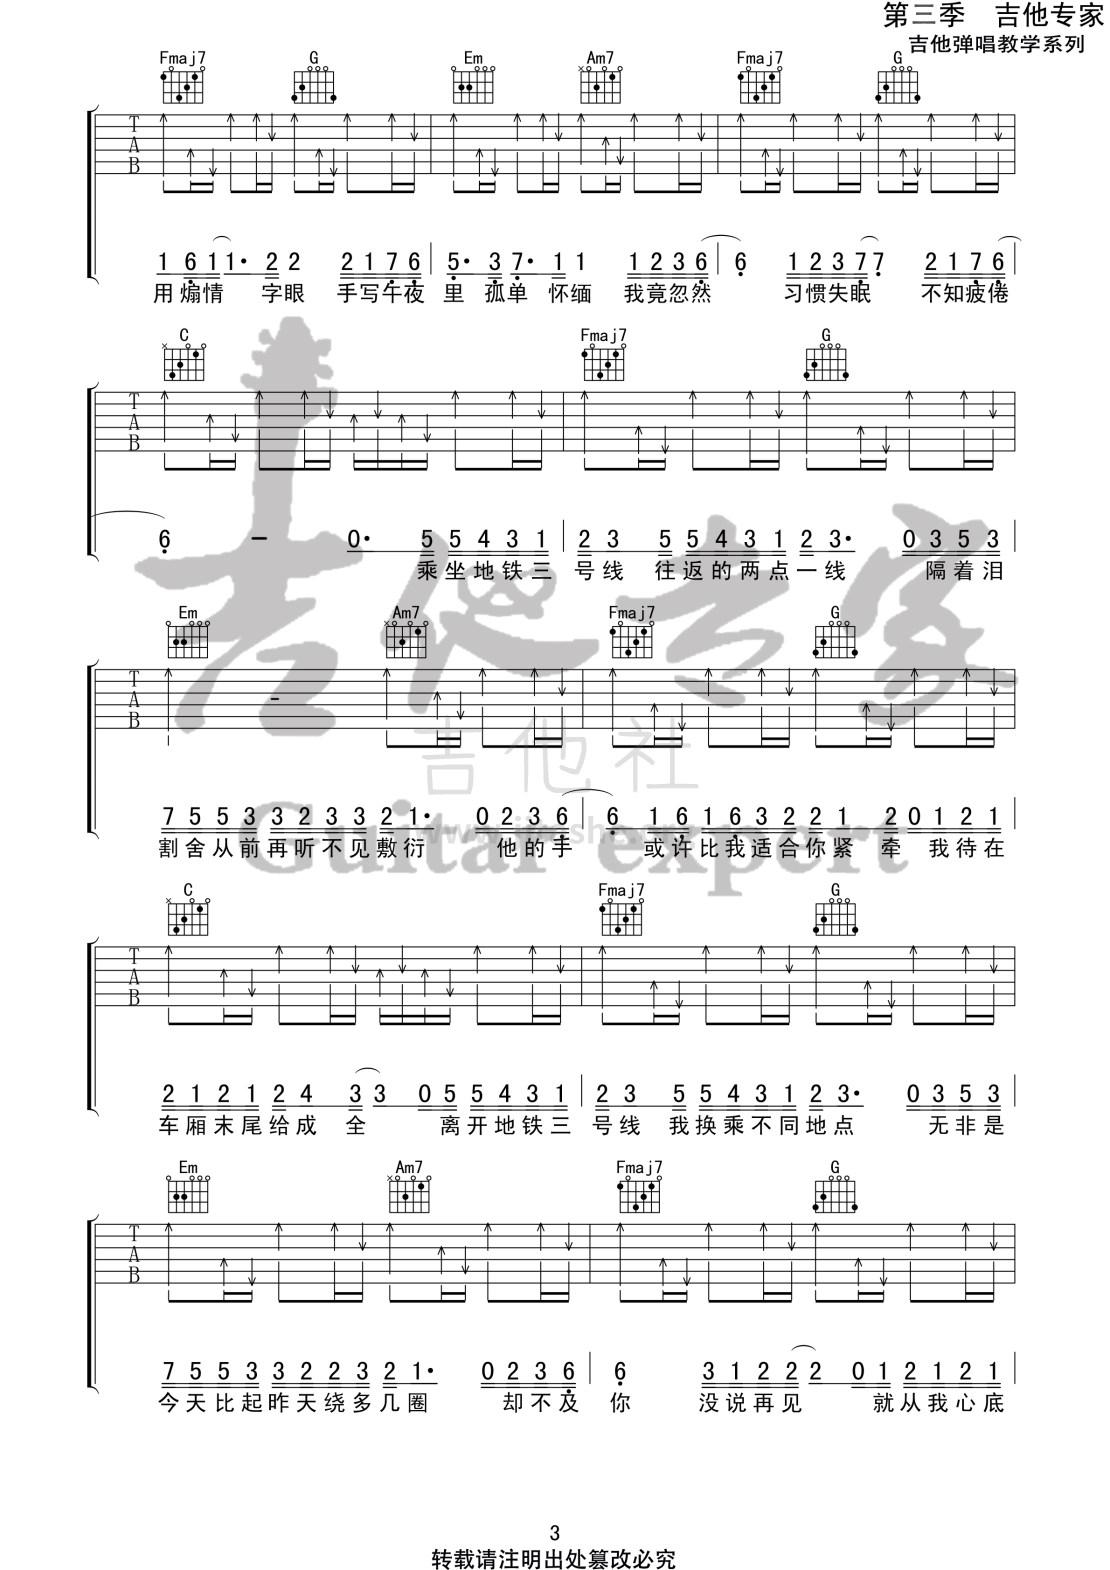 三号线 (音艺吉他专家弹唱教学:第三季第13集)吉他谱(图片谱)_刘大壮_三号线3 第三季第十三集.jpg